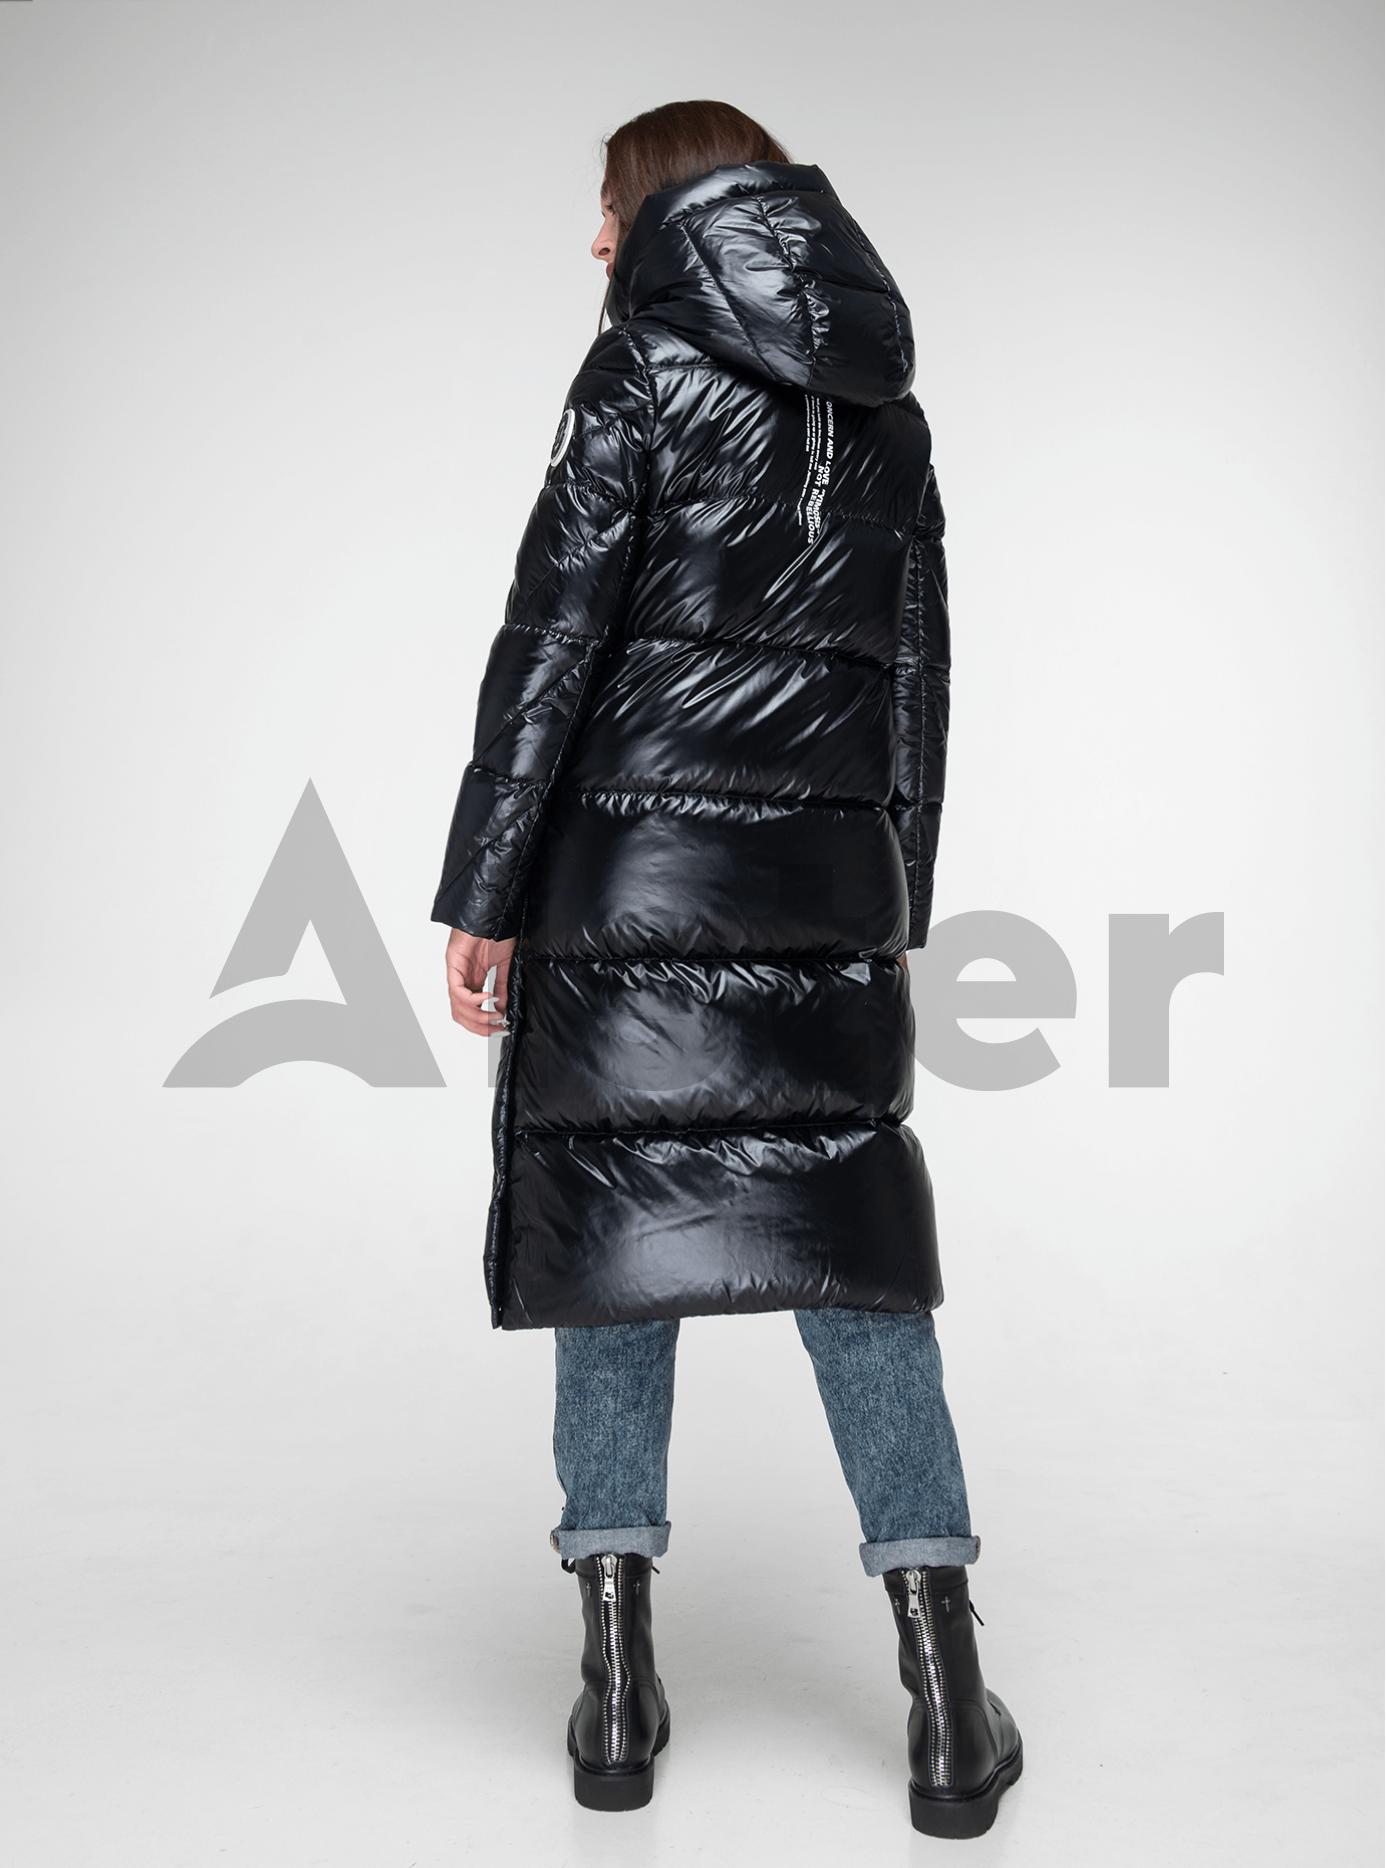 Пуховик женский длинный с разрезами Чёрный L (02-Y191129): фото - Alster.ua